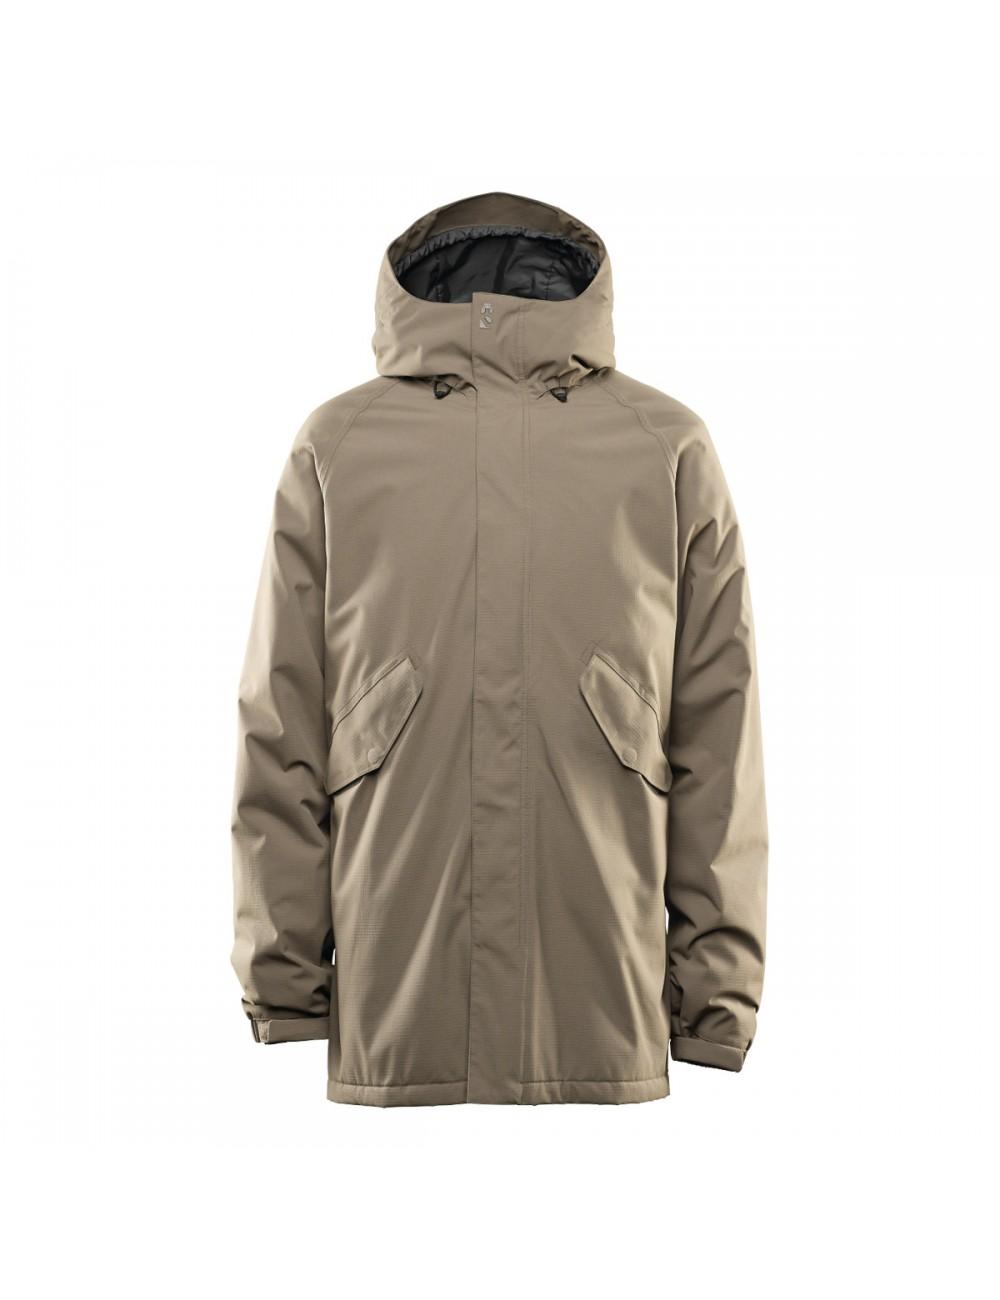 32 Lodger Parka Jacket - Olive_12383